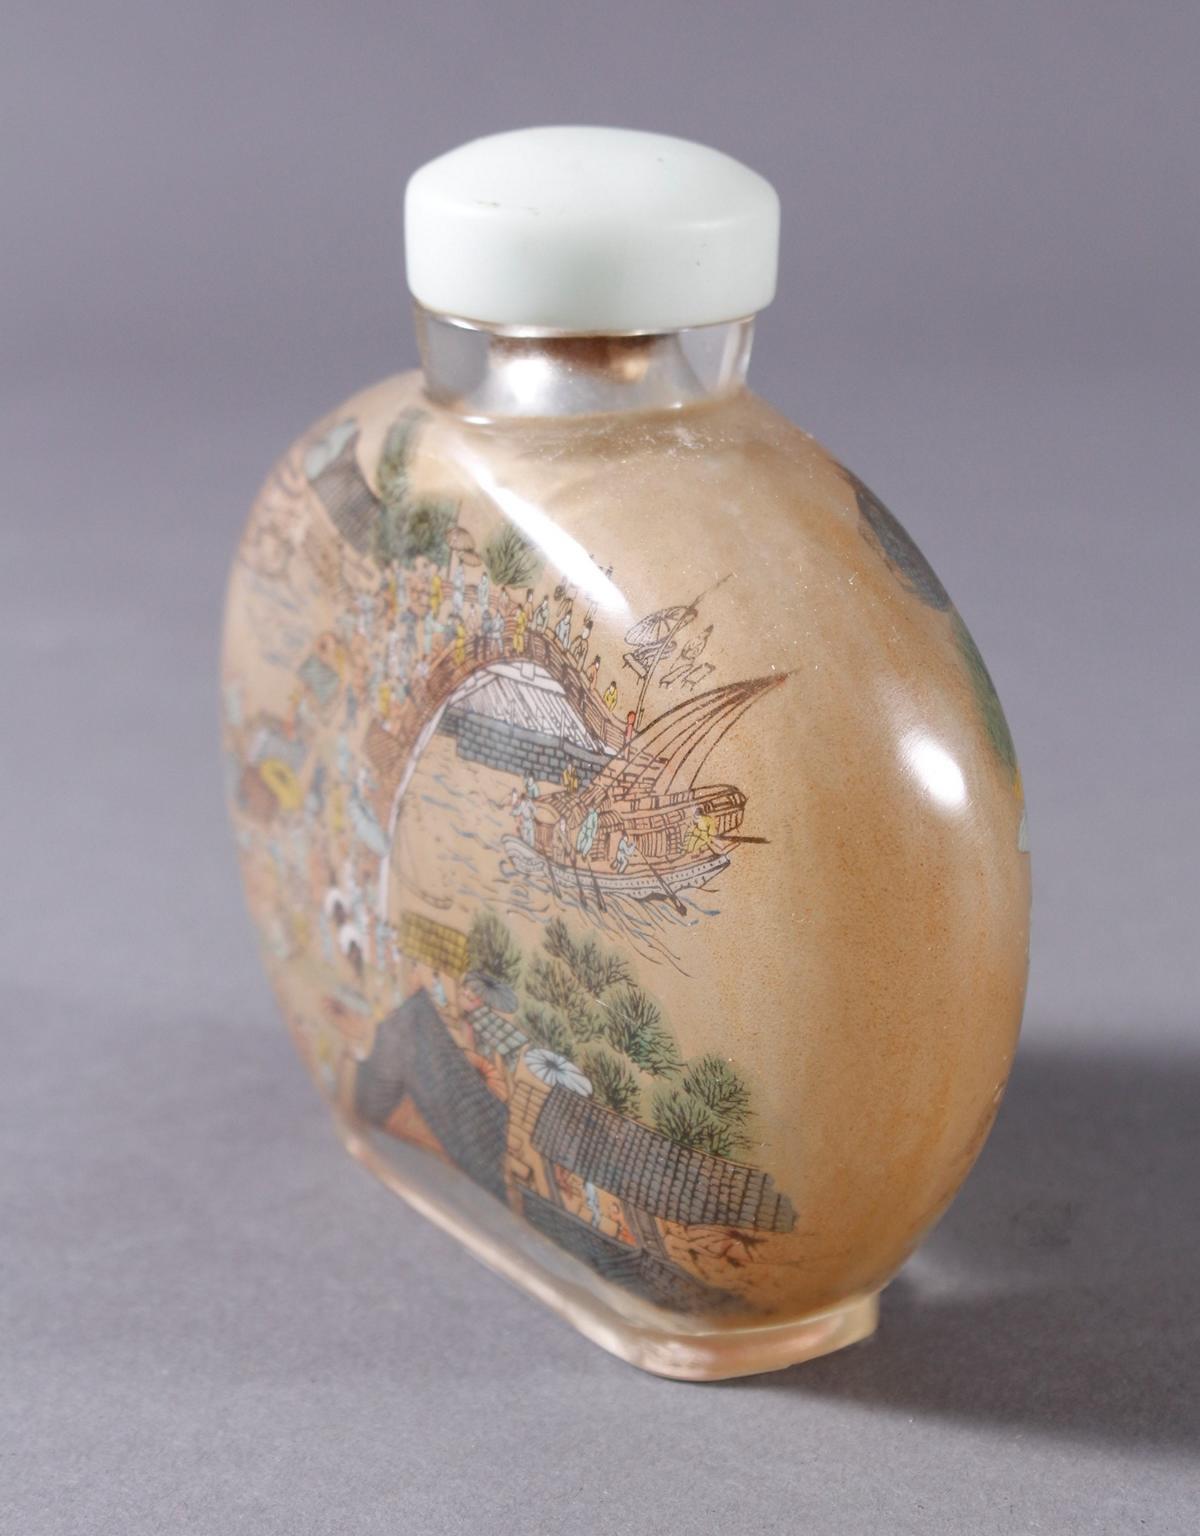 Große Glas Snuffbottle, 1. Hälfte 20. Jahrhundert-3